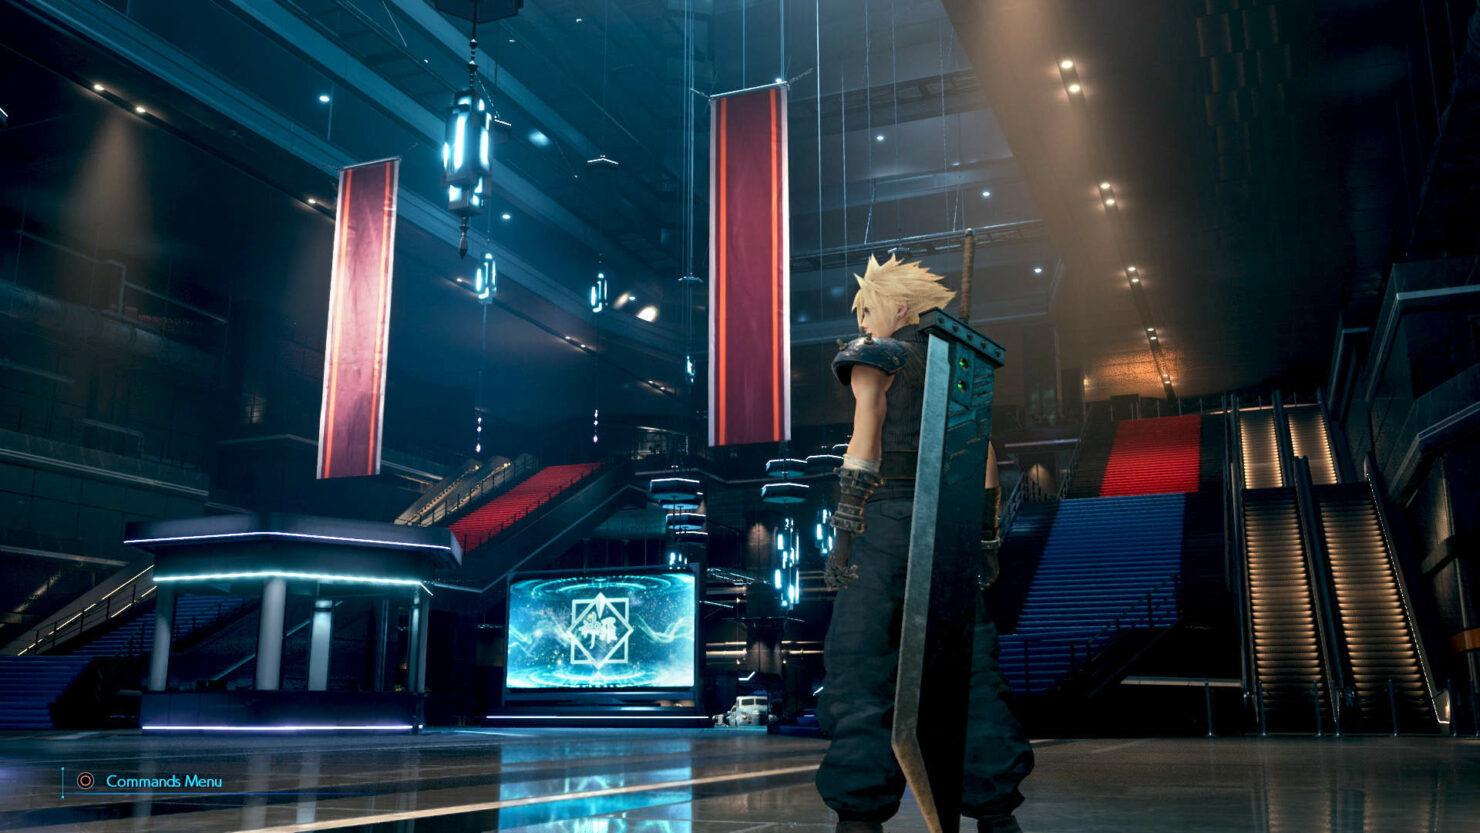 final-fantasy-vii-remake-screenshots-info-4shinra